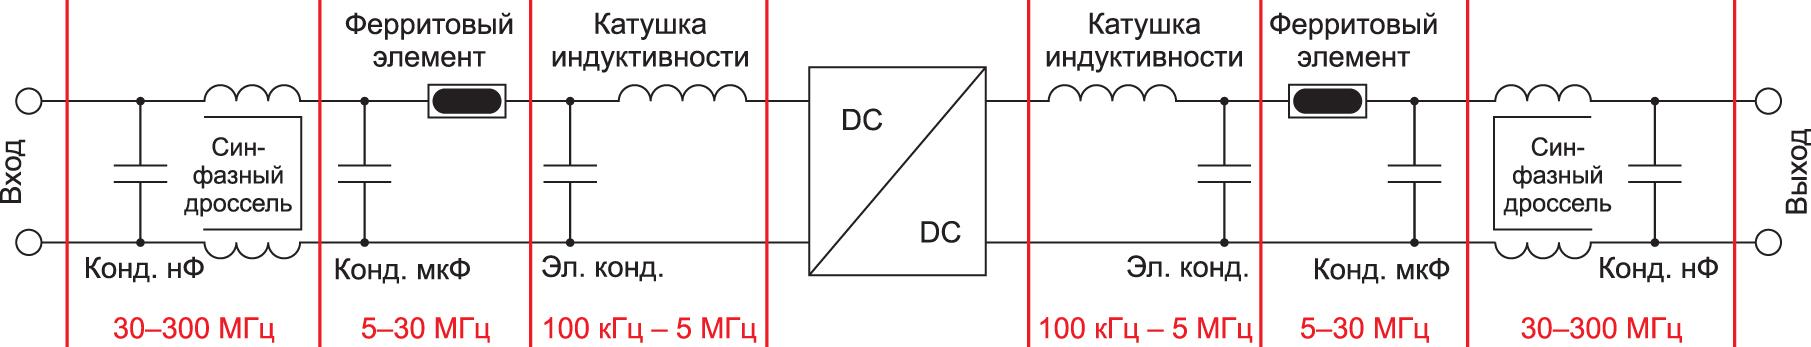 Блок-схема фильтрующих элементов с разбивкой для трех разных частотных диапазонов ЭМП